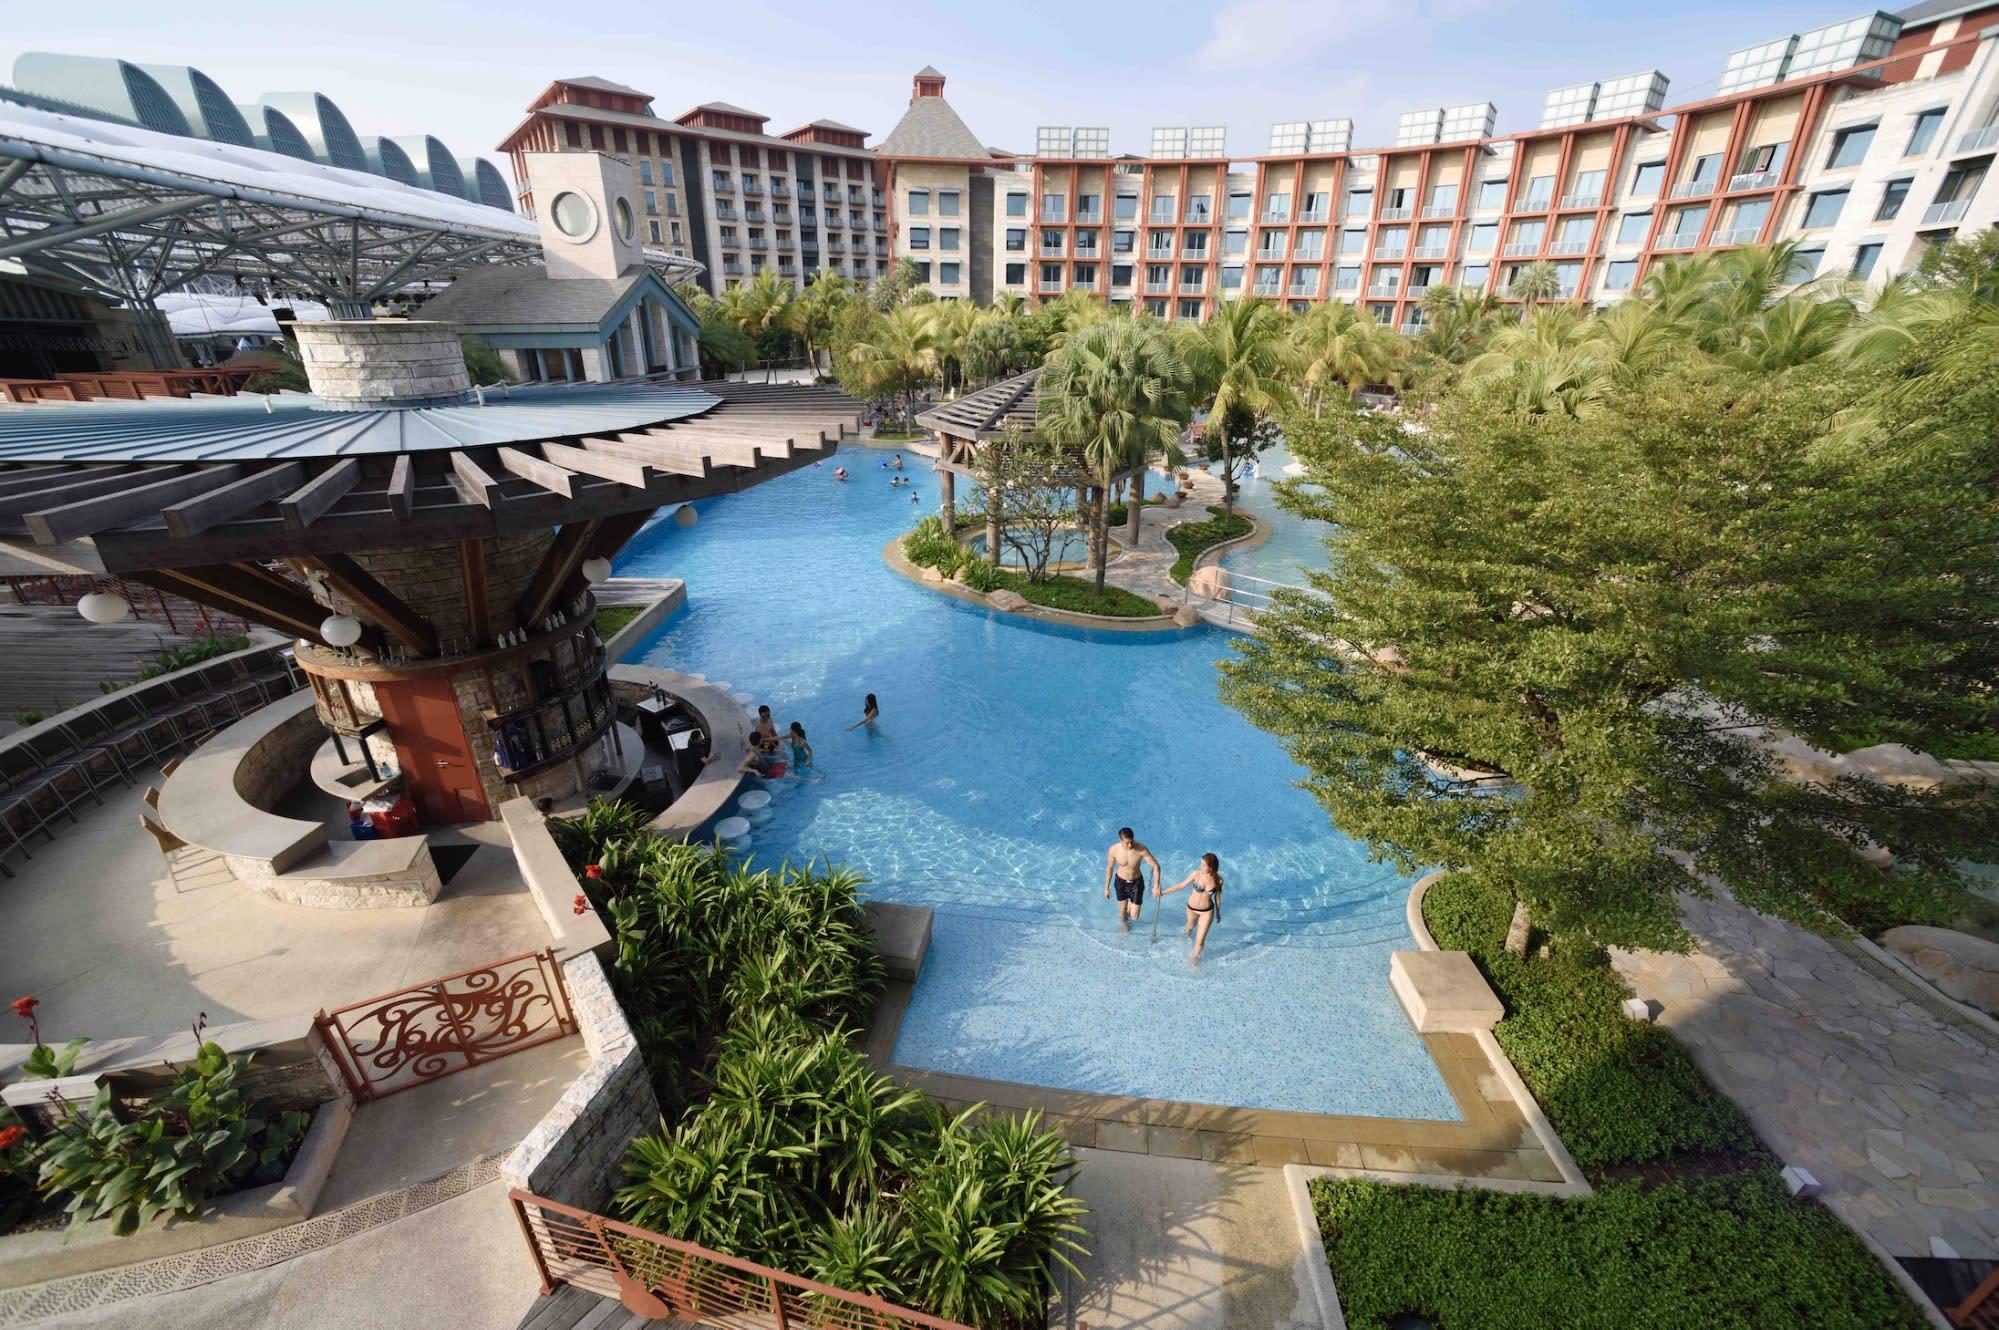 hard rock hotel senotsa